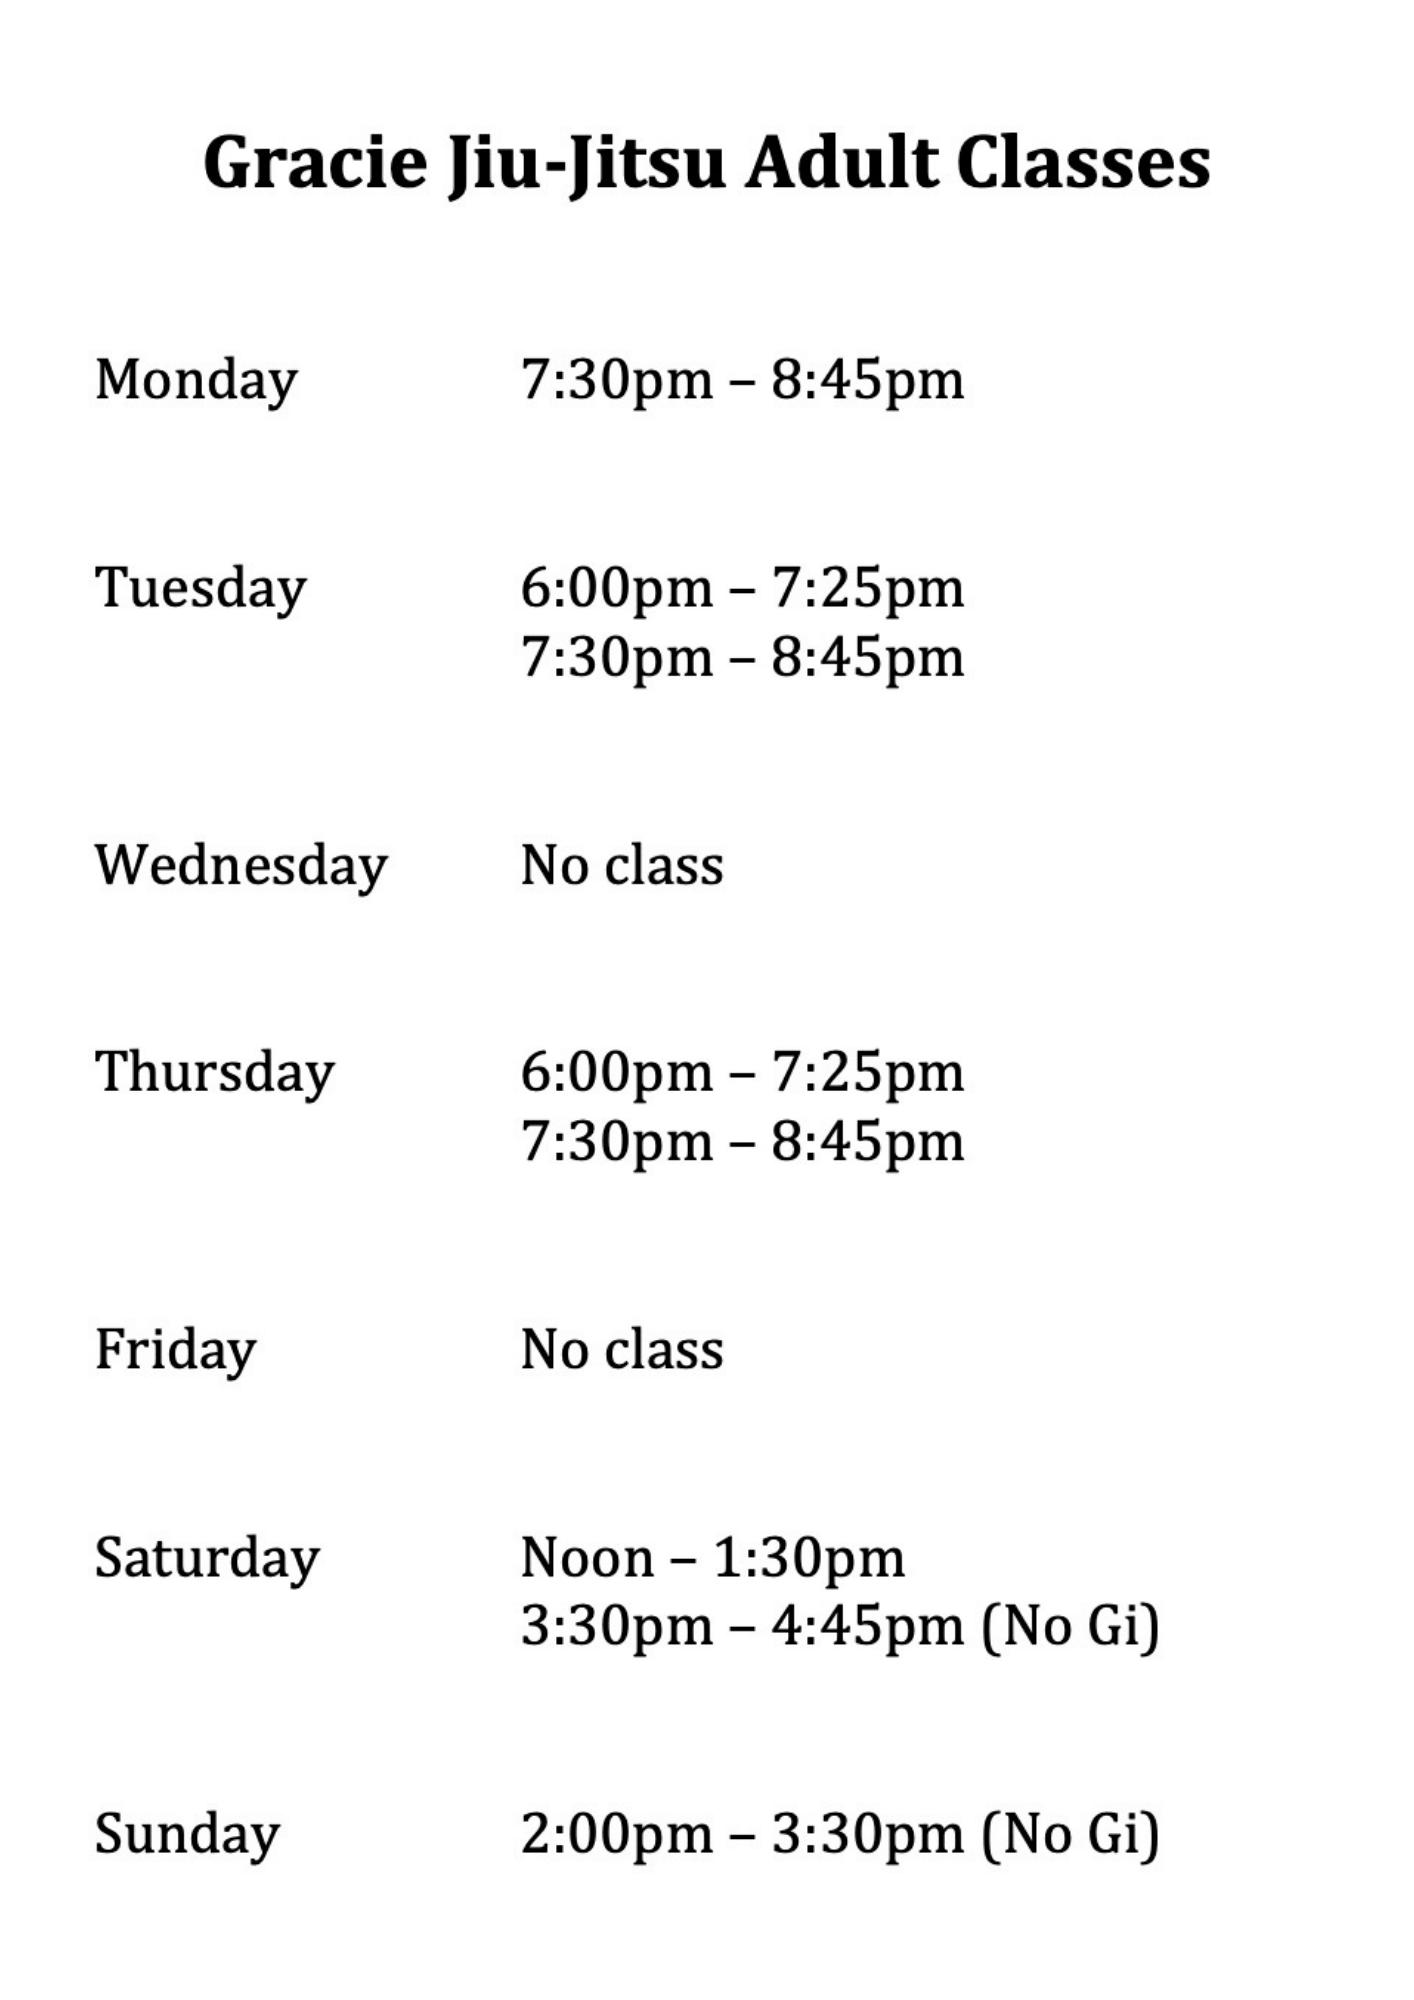 Jiu Jitsu Classes at Wing Chun & Jiu-Jitsu Melbourne - Gracie Brazilian Jiu Jitsu Adult Classes -BJJclasstimes